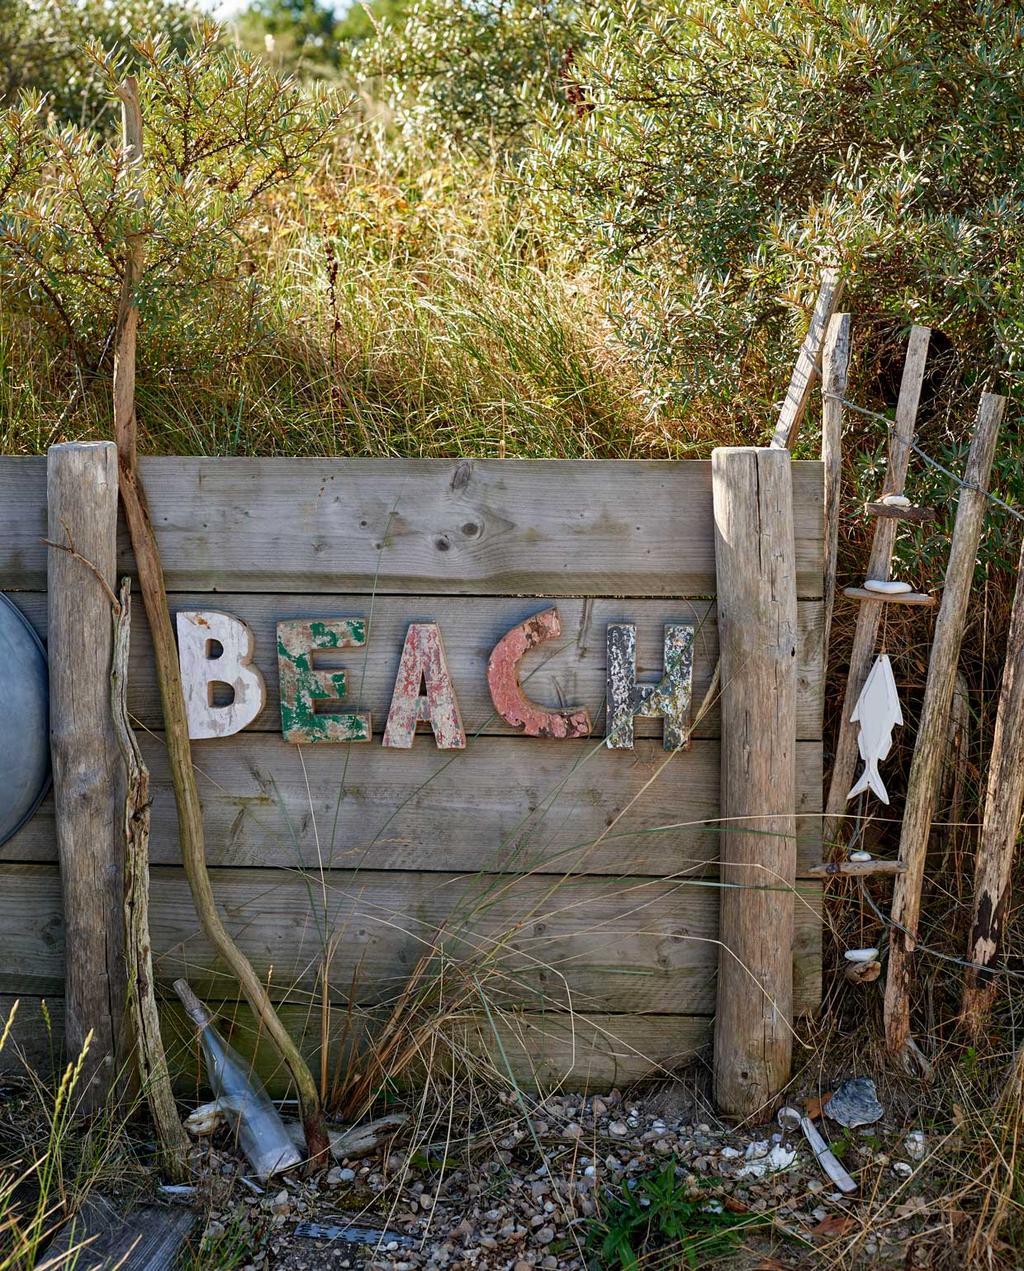 vtwonen 08-2020 | bk strandhuis in Egmond schutting met de tekst Beach zelf gemaakt